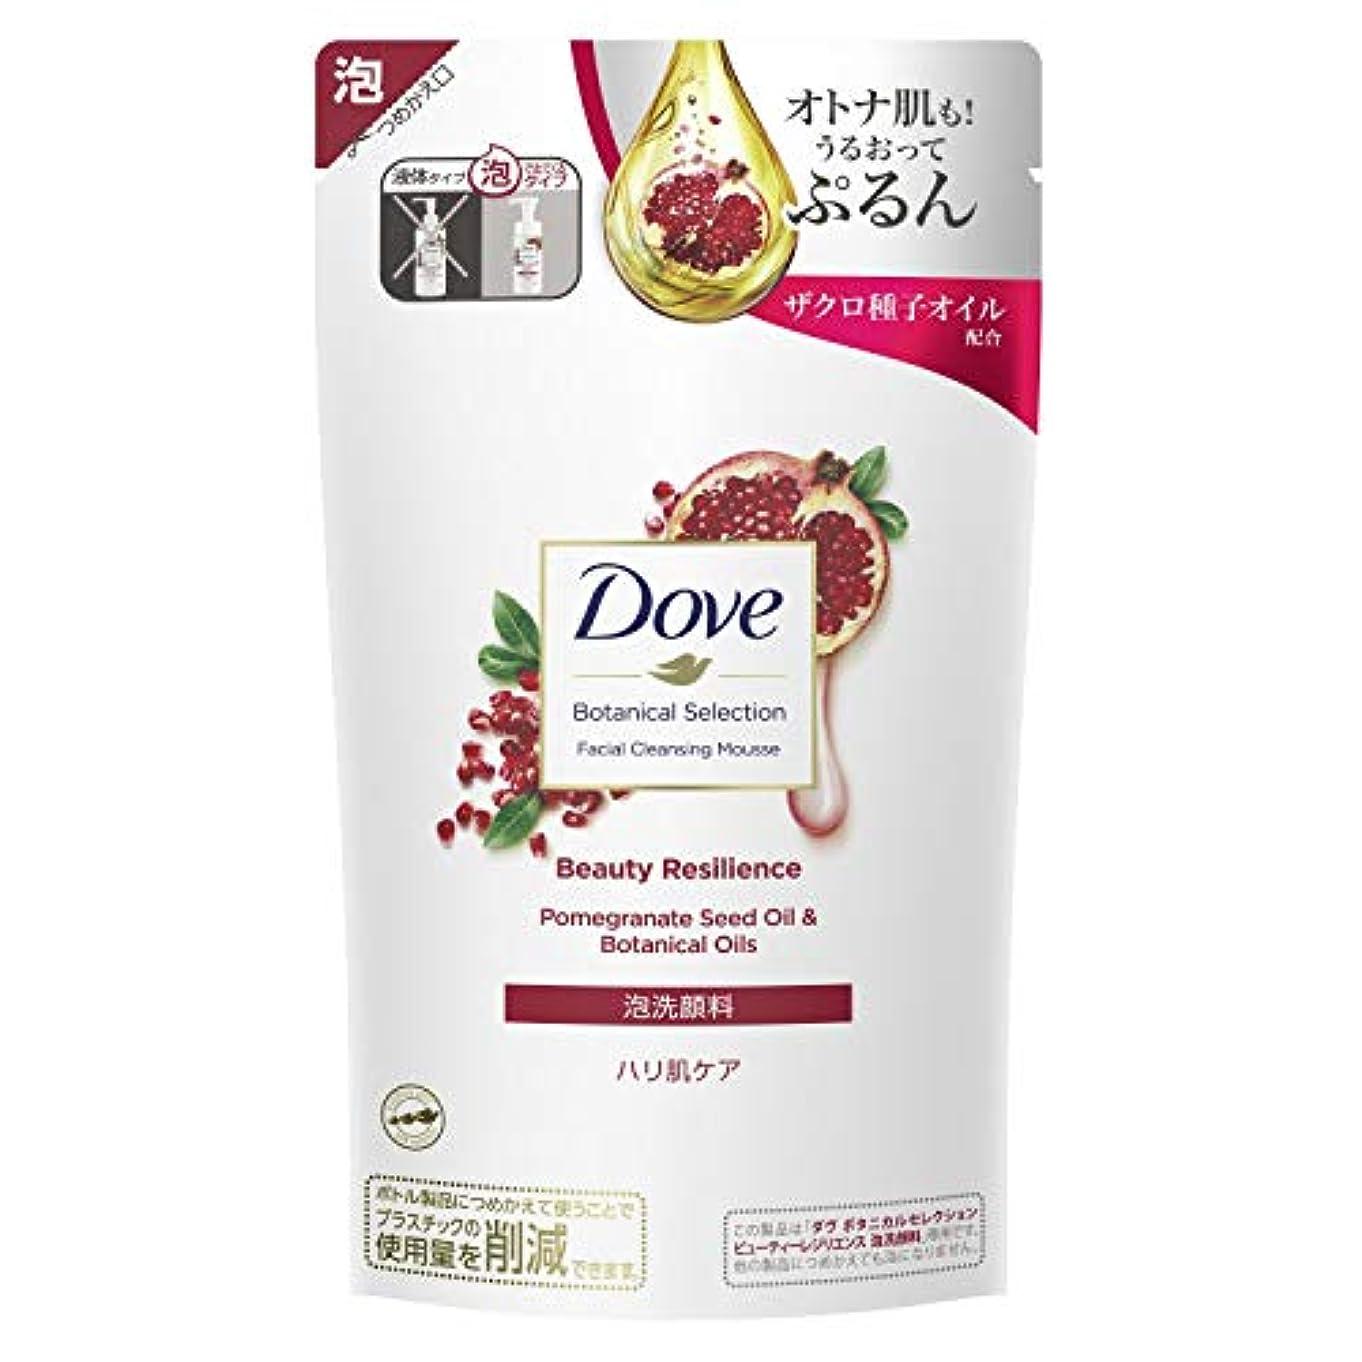 避難するポンド粘性のDove(ダヴ) ダヴ ボタニカルセレクション ビューティーレジリエンス 泡洗顔料 つめかえ用 135mL